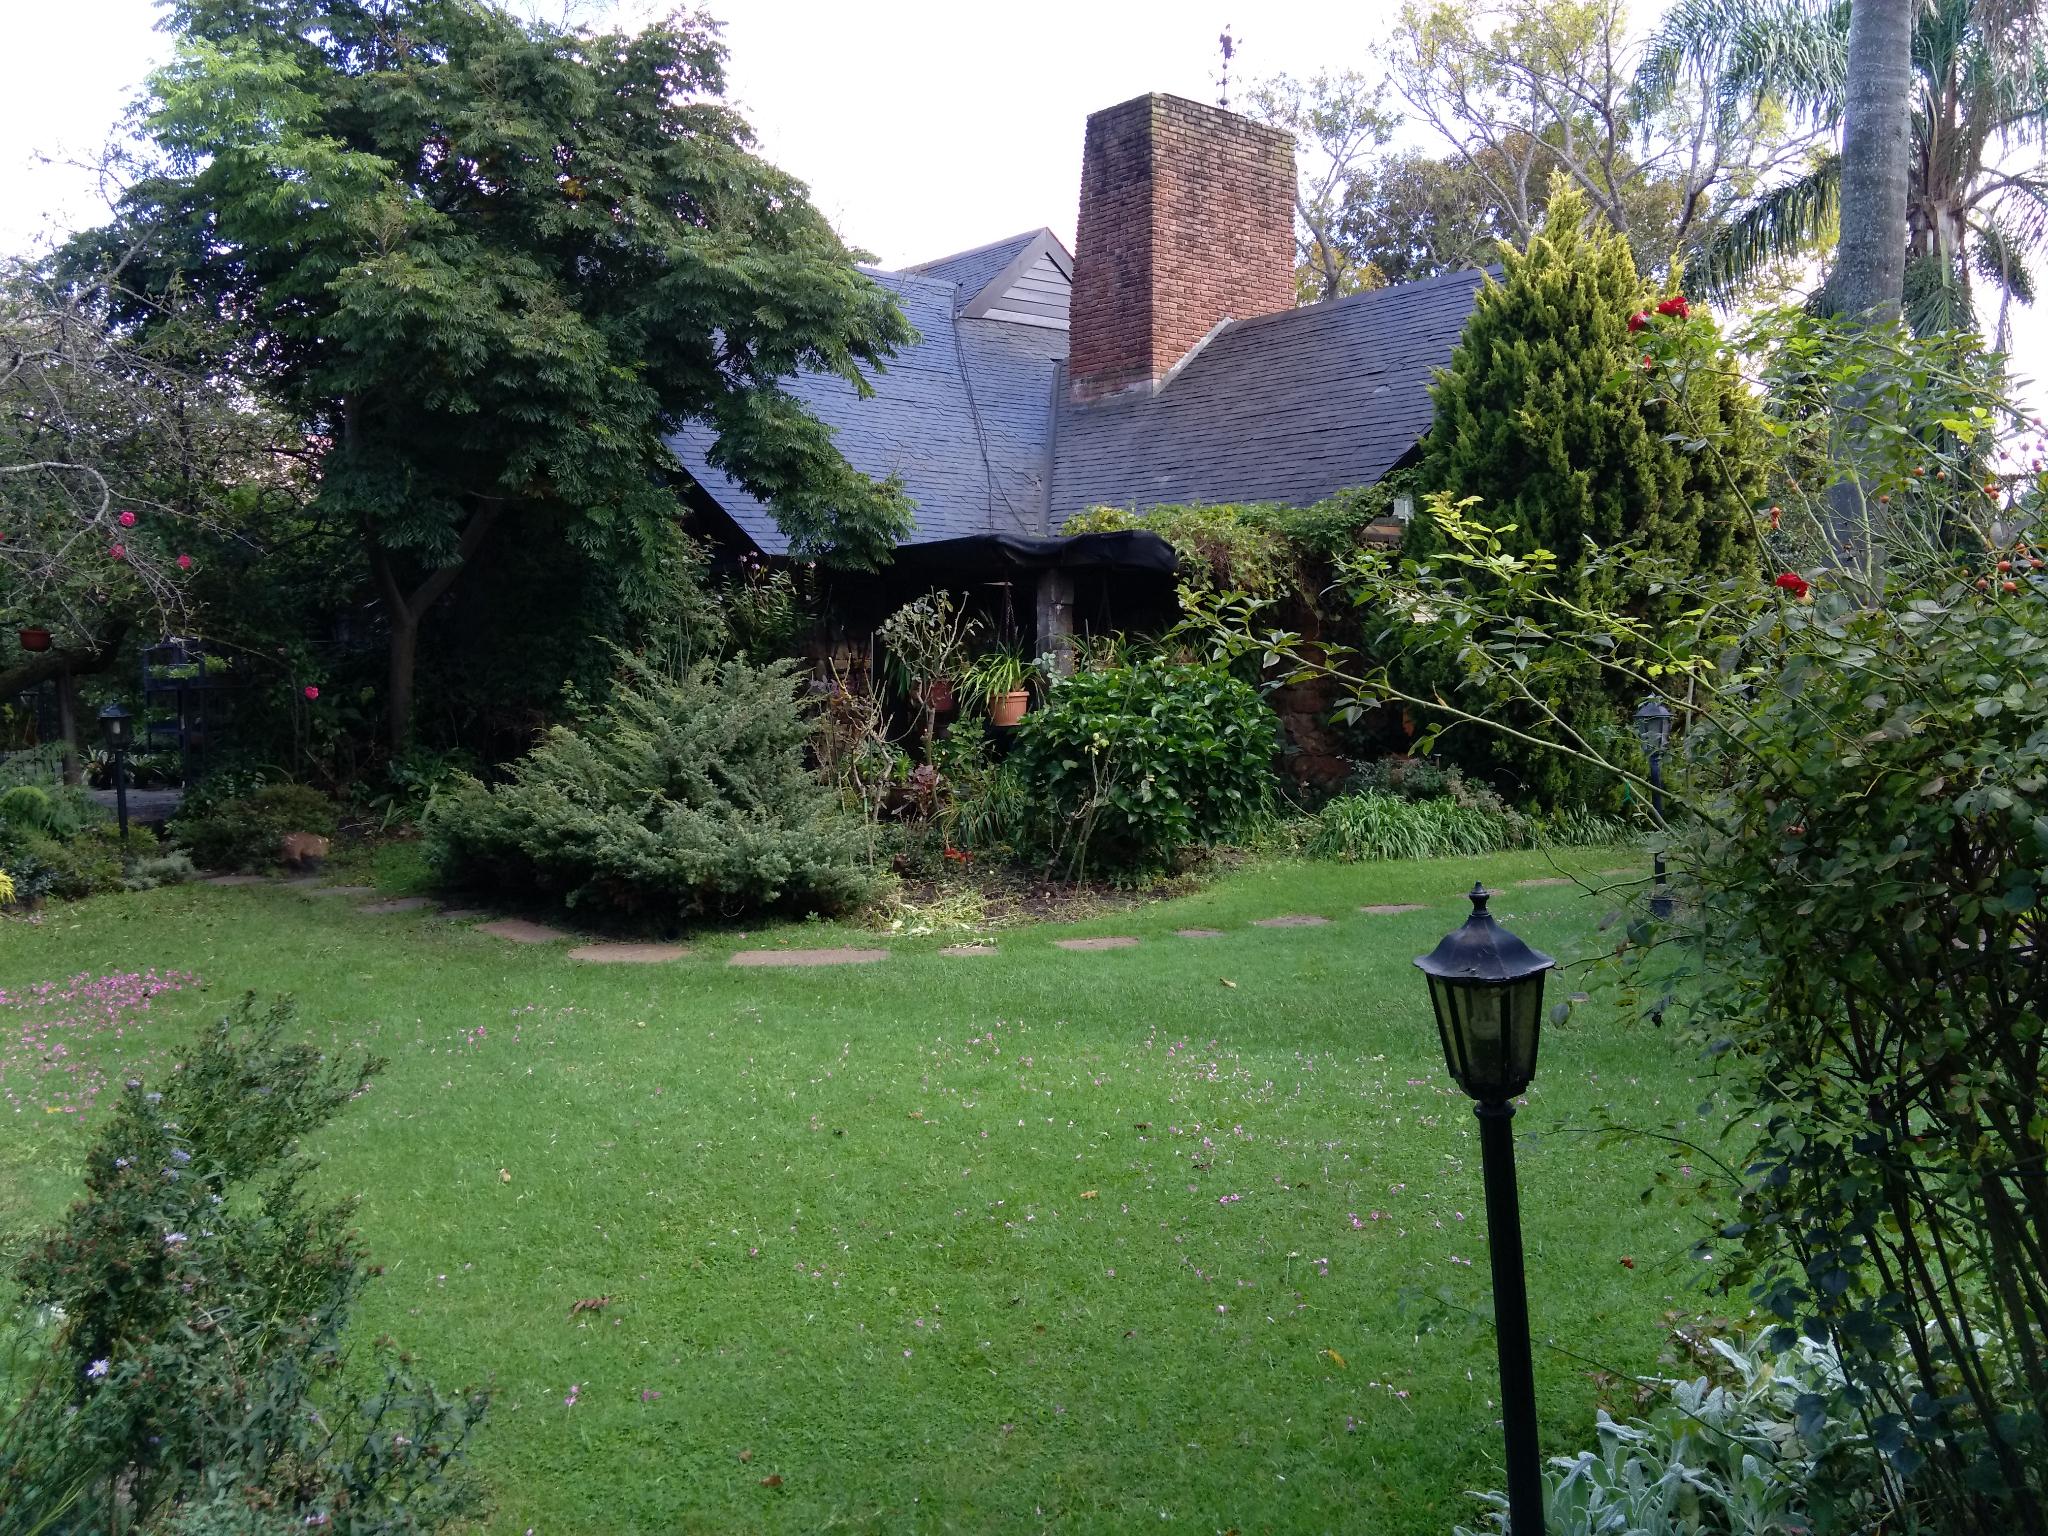 Residencia De Gran Porte, Carrasco Sur, Cercanias Lawn Tennis